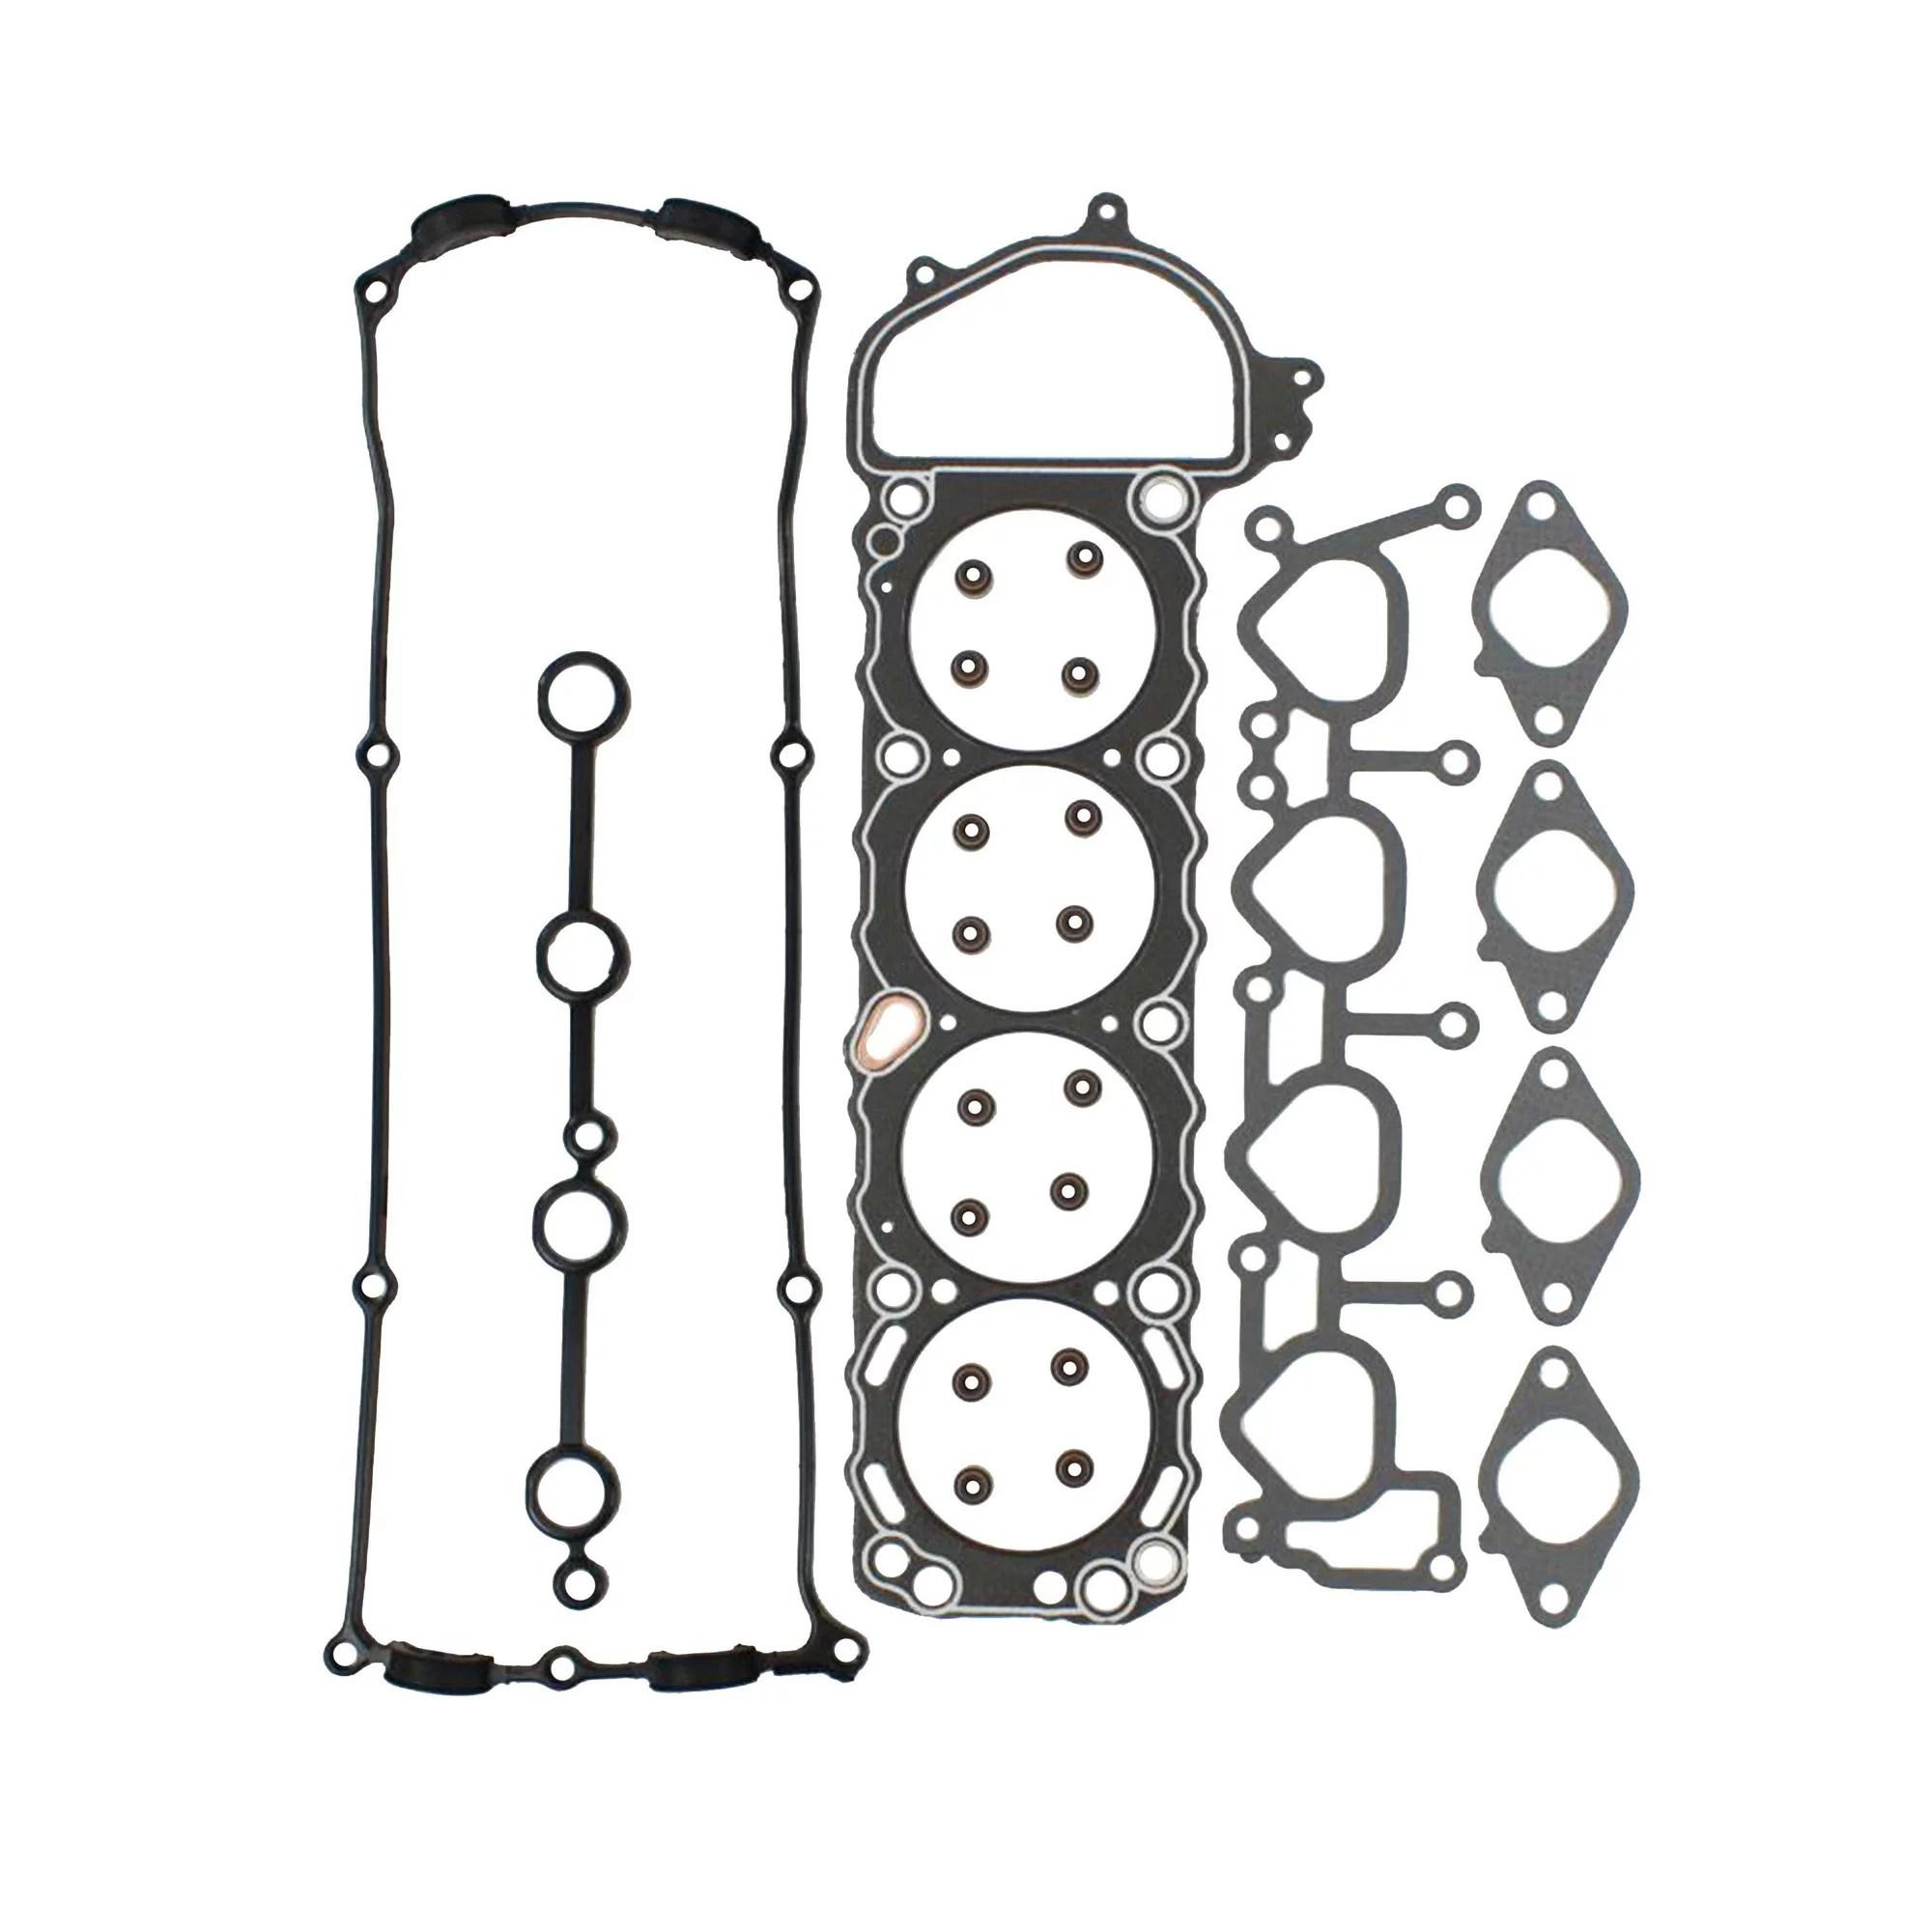 Dnj Hgs653 Head Gasket Set For 94 98 Nissan 240sx 2 4l L4